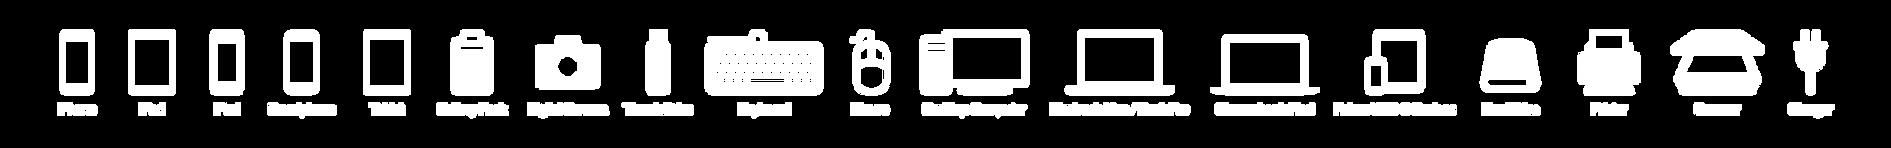 USB-C Chart